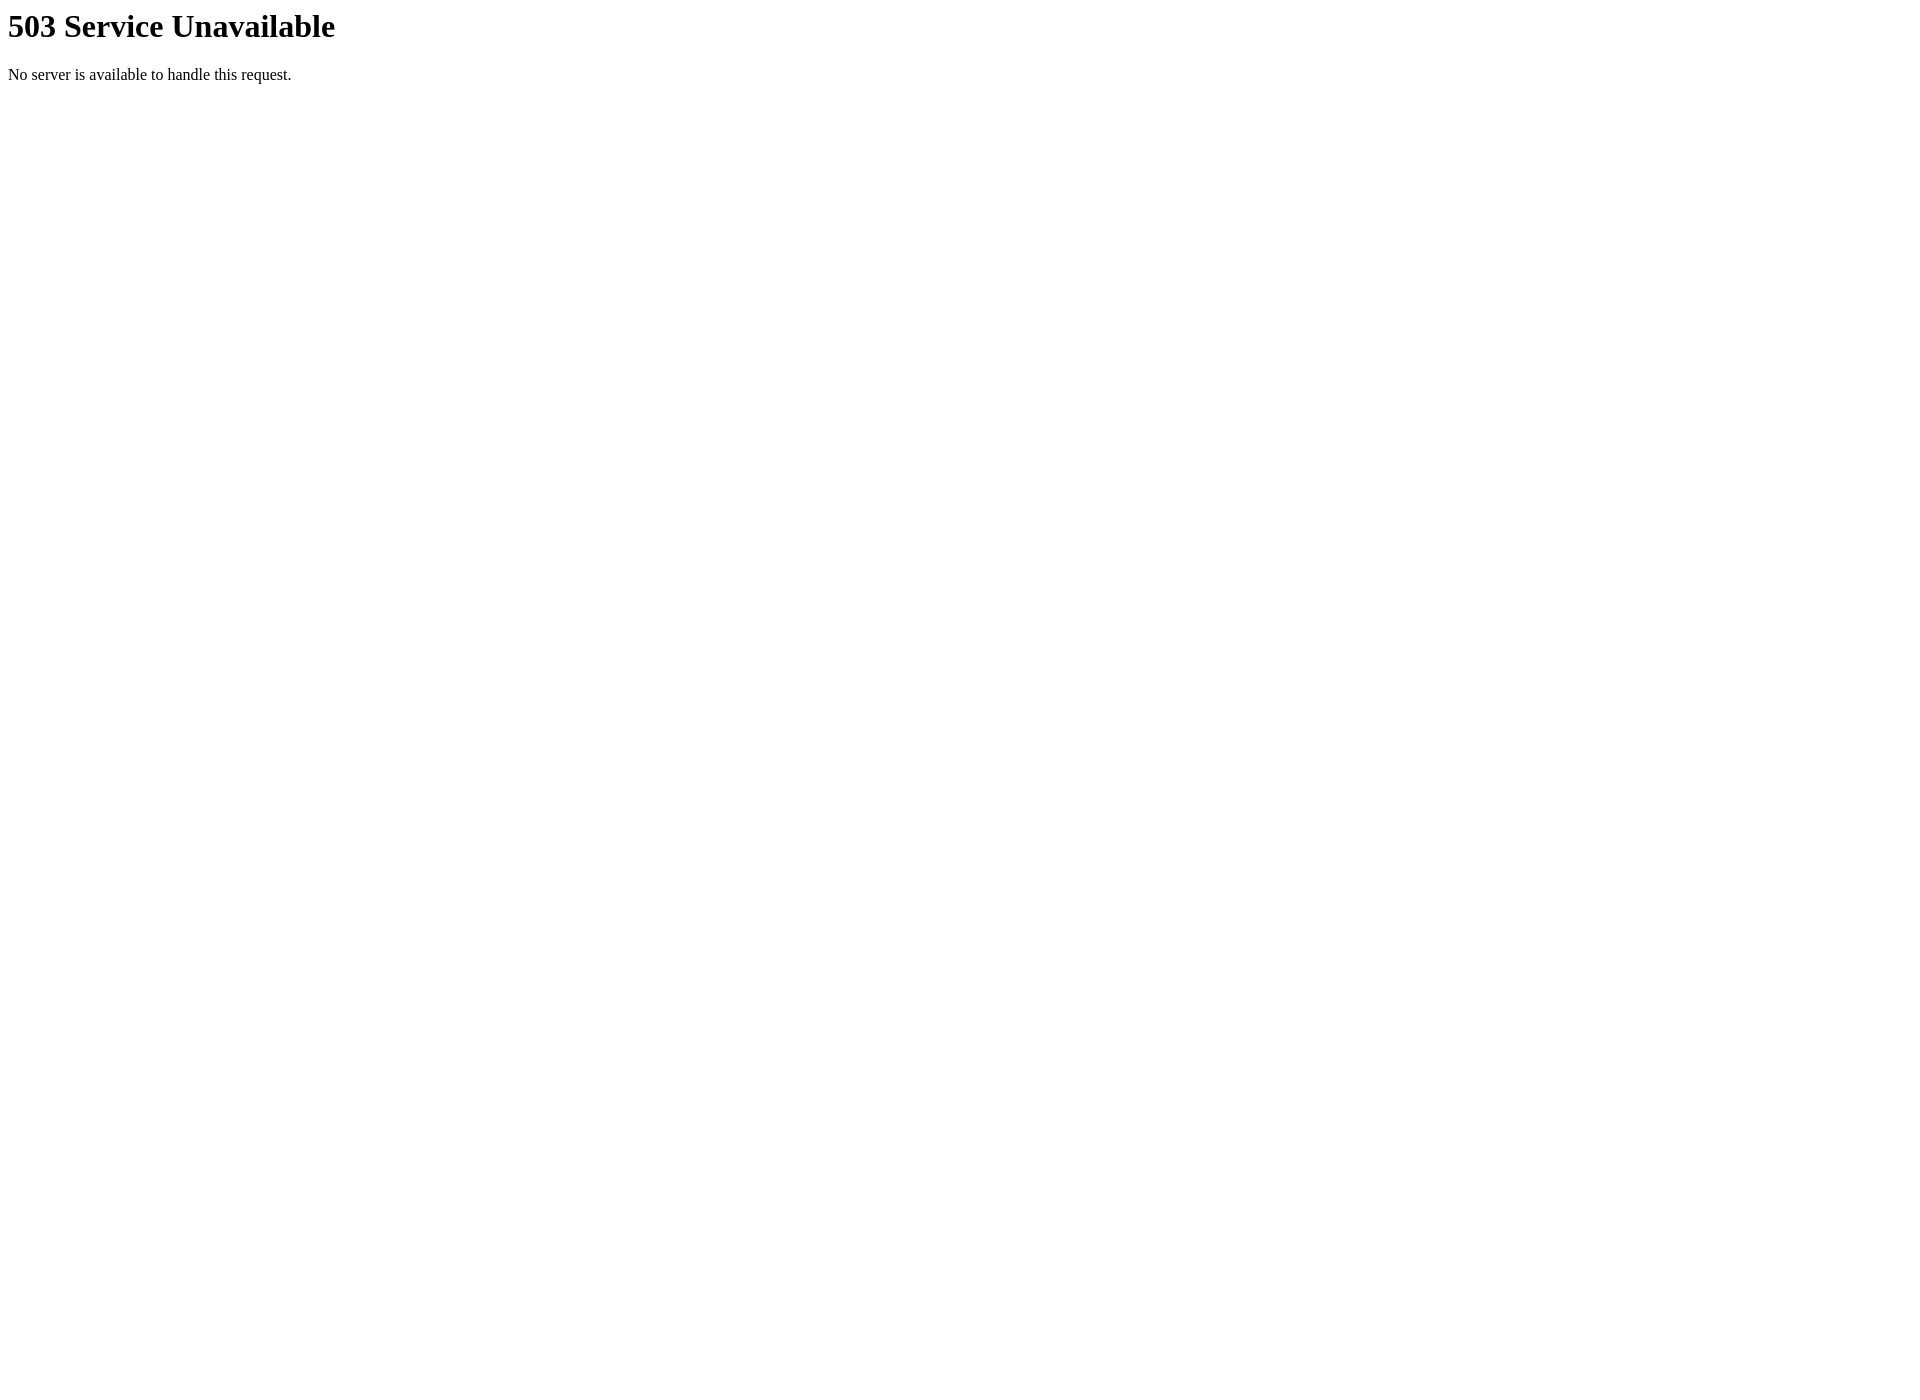 Screenshot for vuokramokkikarkkila.fi